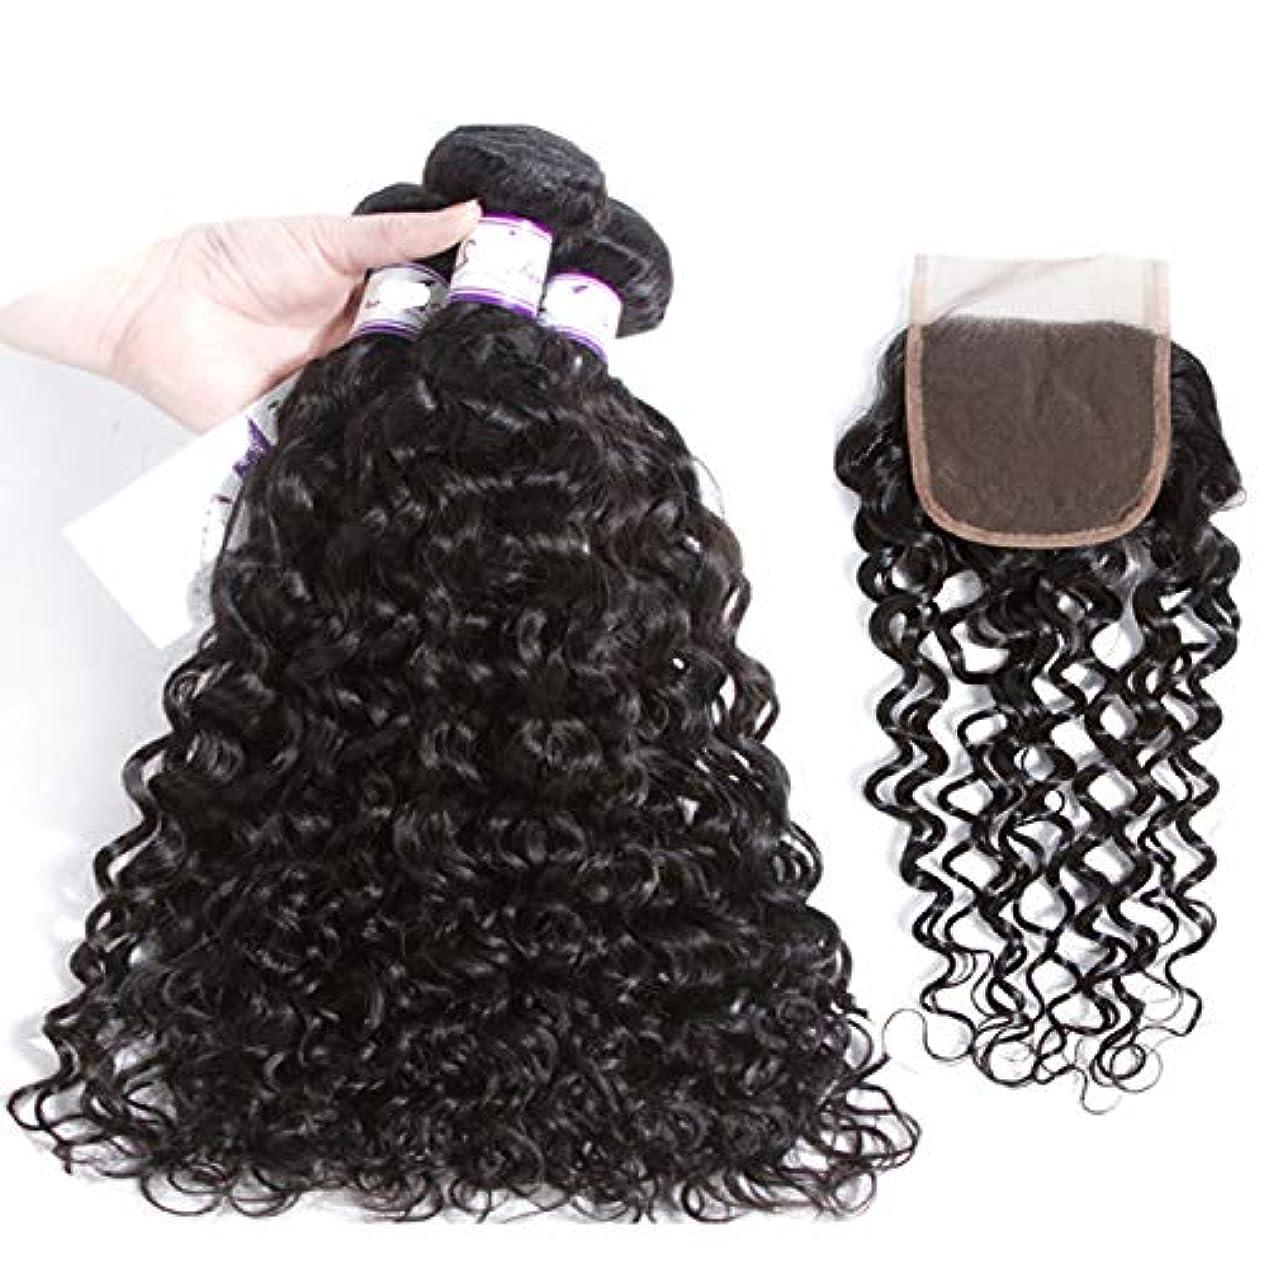 微生物出来事レイア13 * 4閉鎖人間の髪の毛の波3バンドル人間の髪の毛の束 (Length : 18 18 18 Cl14, Part Design : FREE PART)